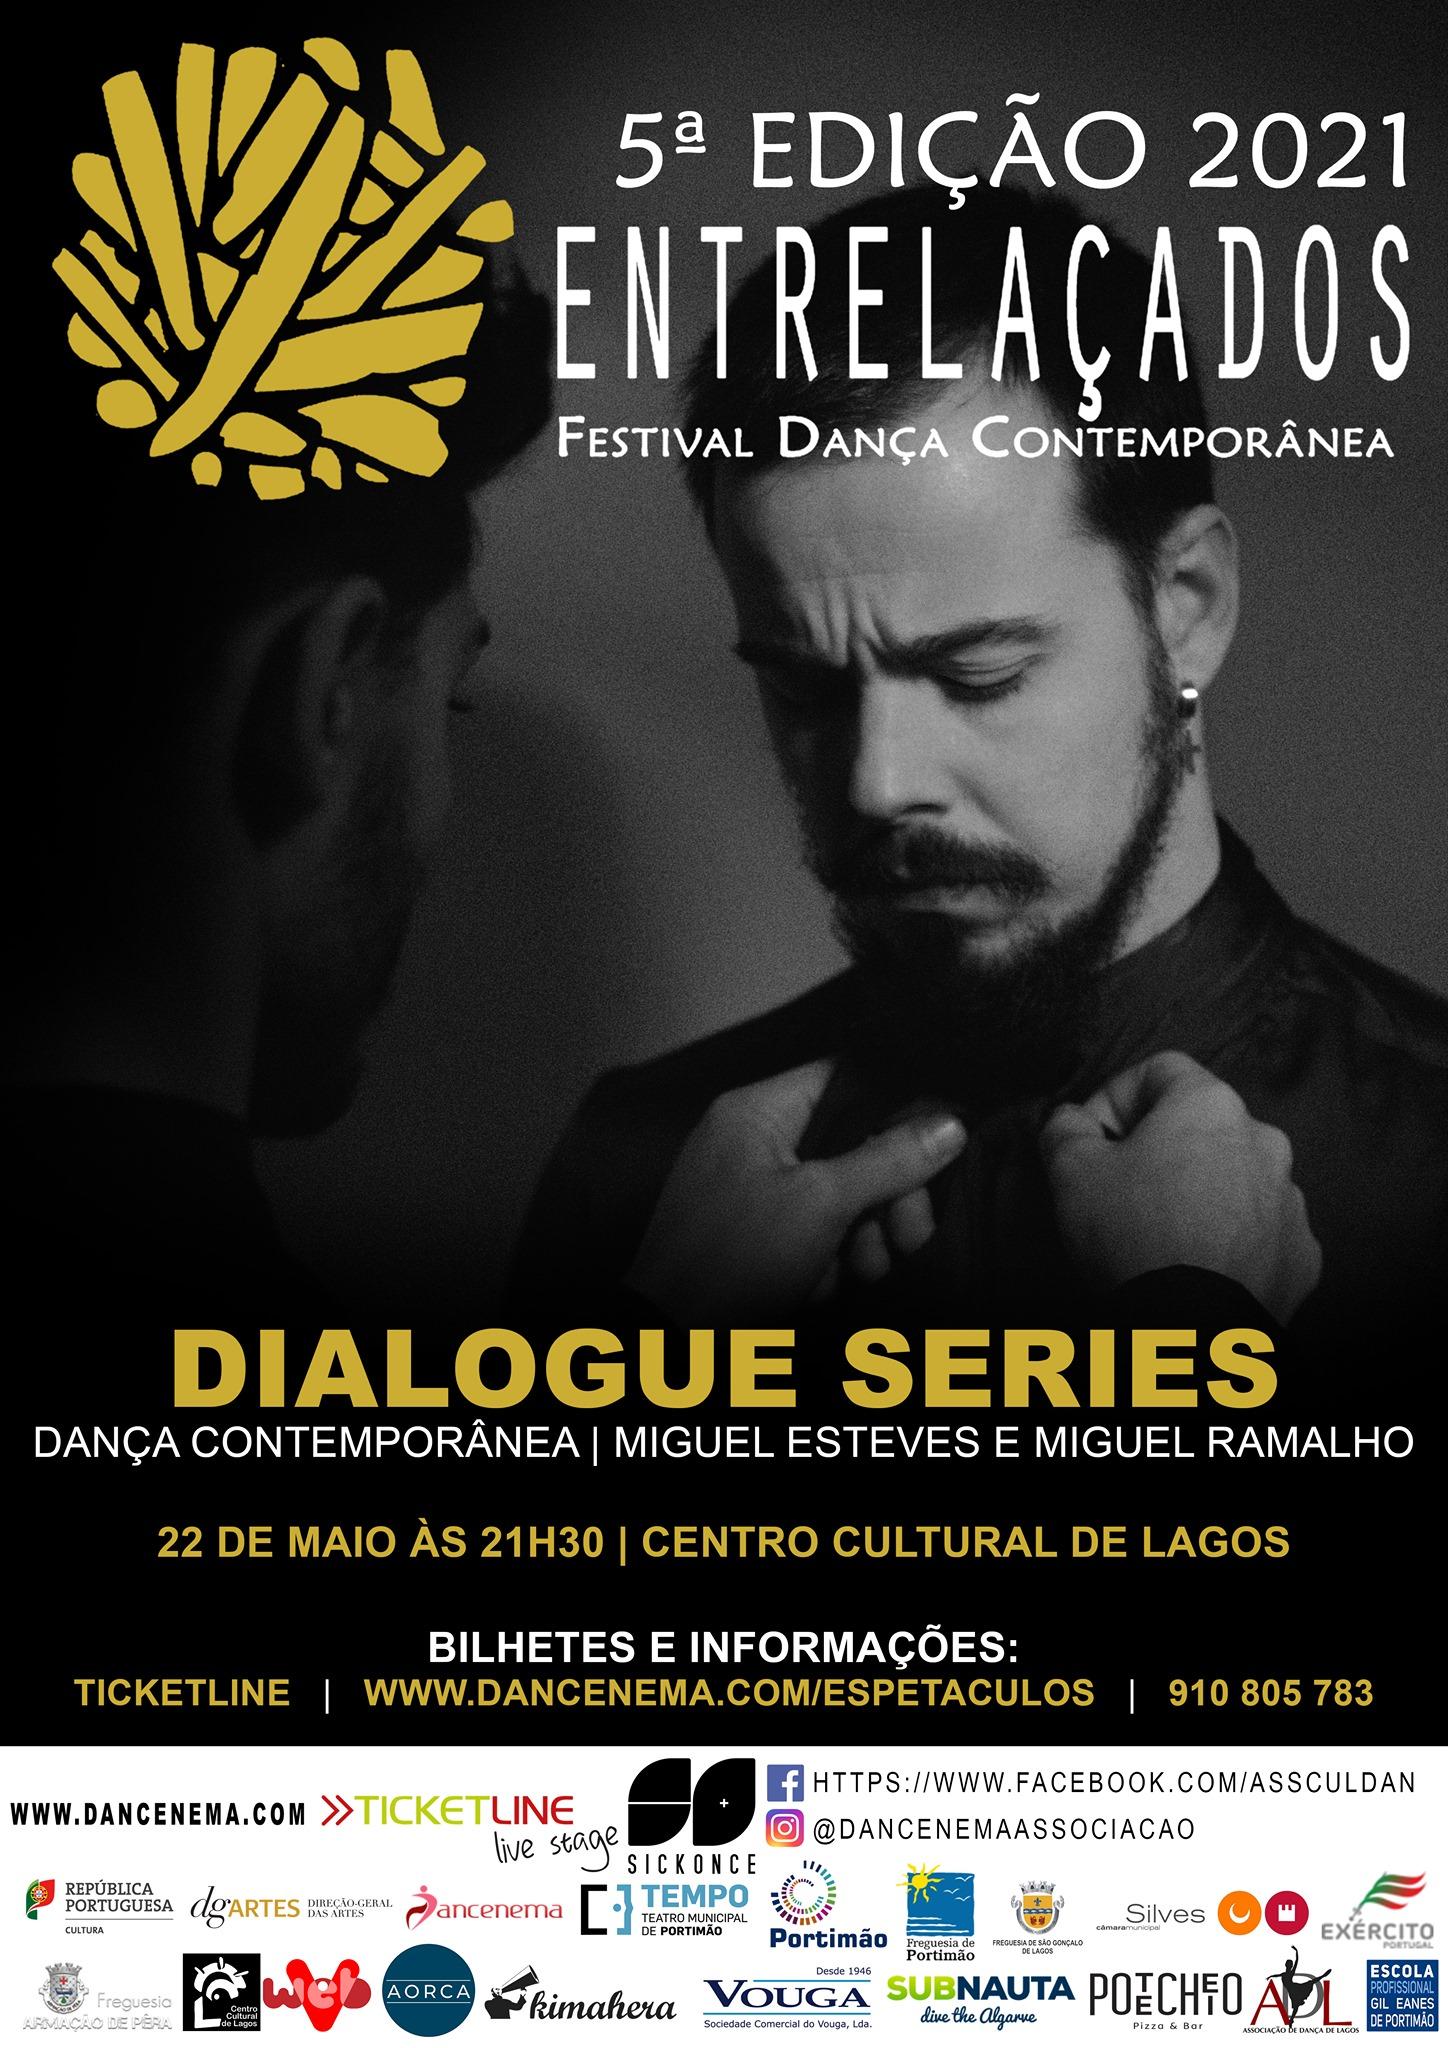 Espetáculo -DIALOGUE SERIES- Miguel Esteves e Miguel Ramalho